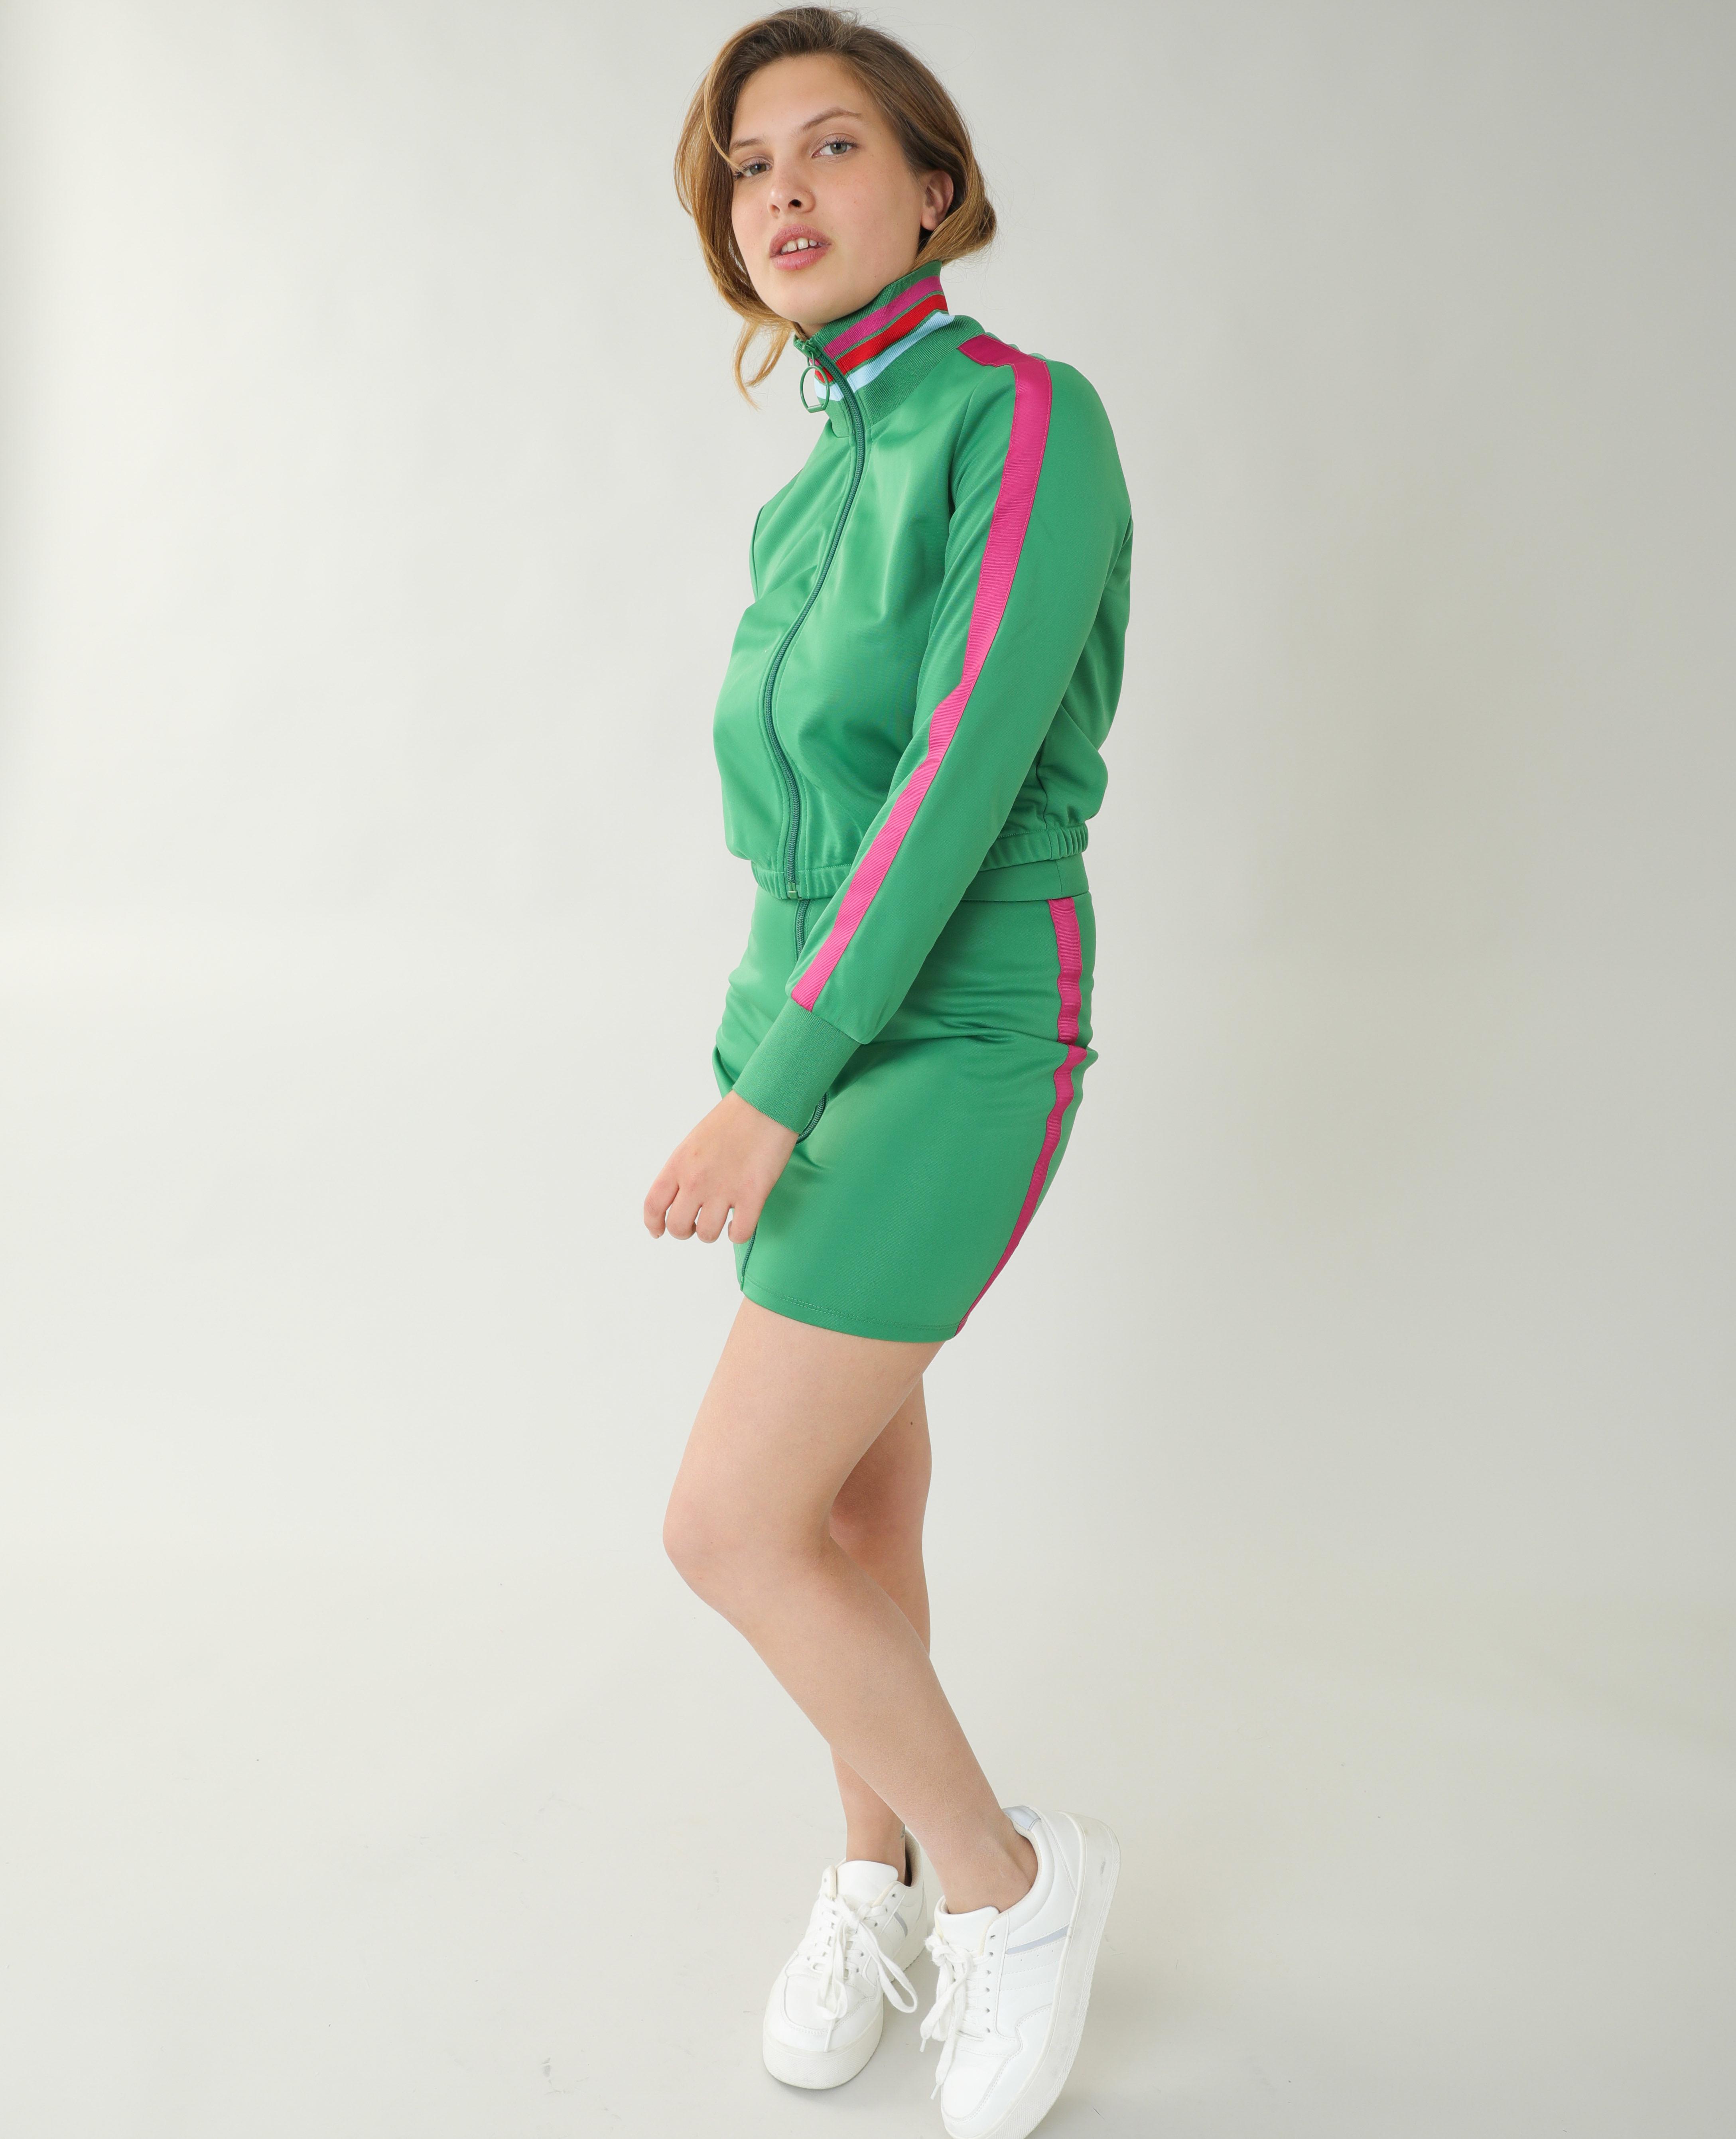 Veste de jogging vert - Pimkie